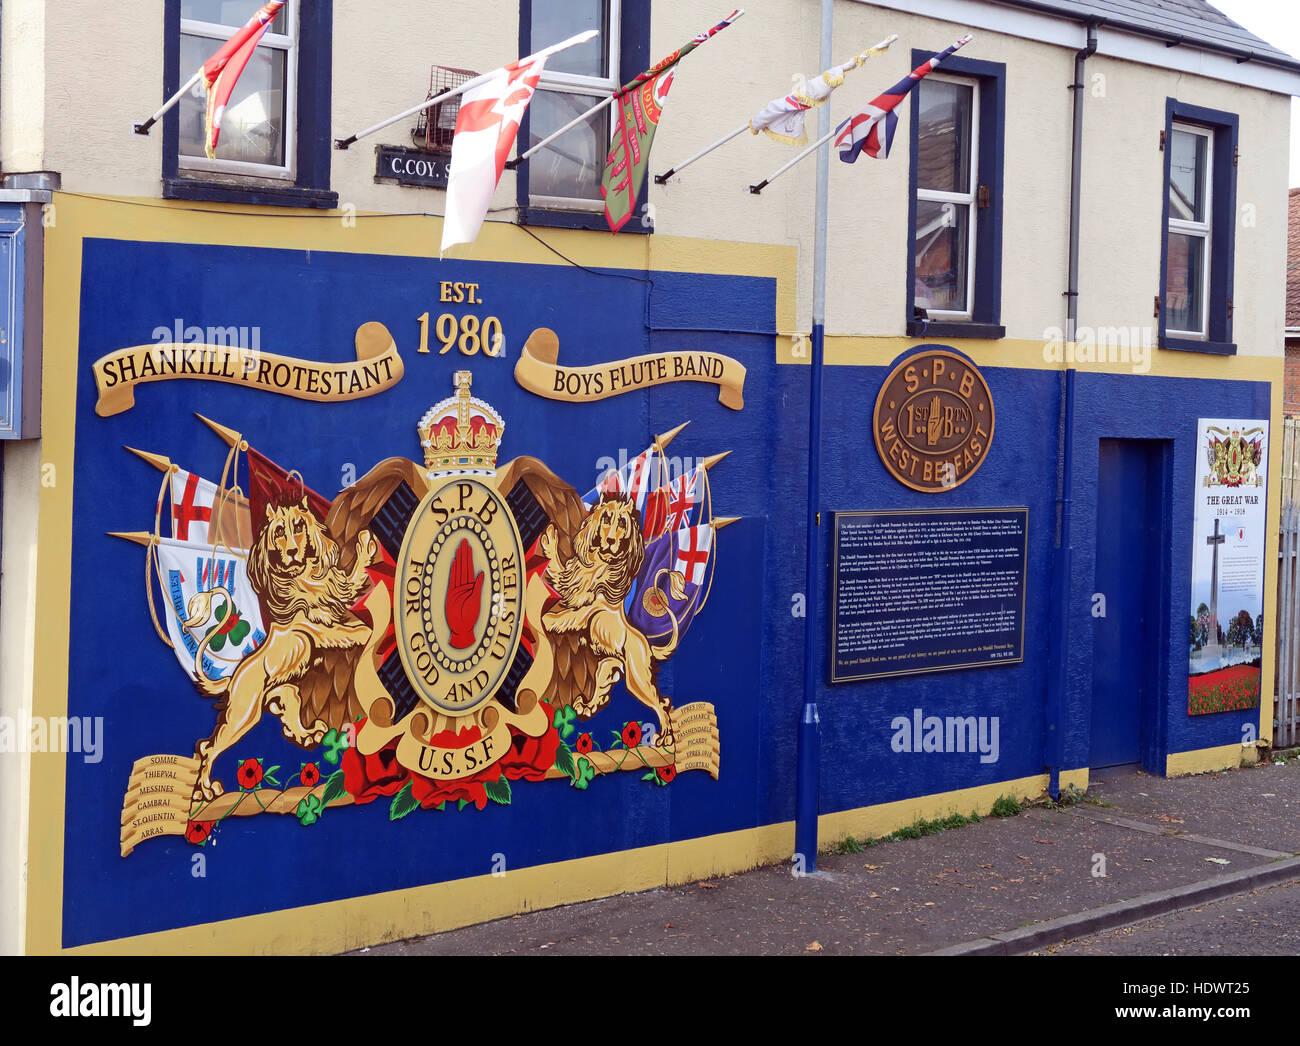 Laden Sie dieses Alamy Stockfoto Shankill protestantischen Boys Flute Band Wandbild aus Shankill Road West Belfast, Nordirland, Vereinigtes Königreich - HDWT25